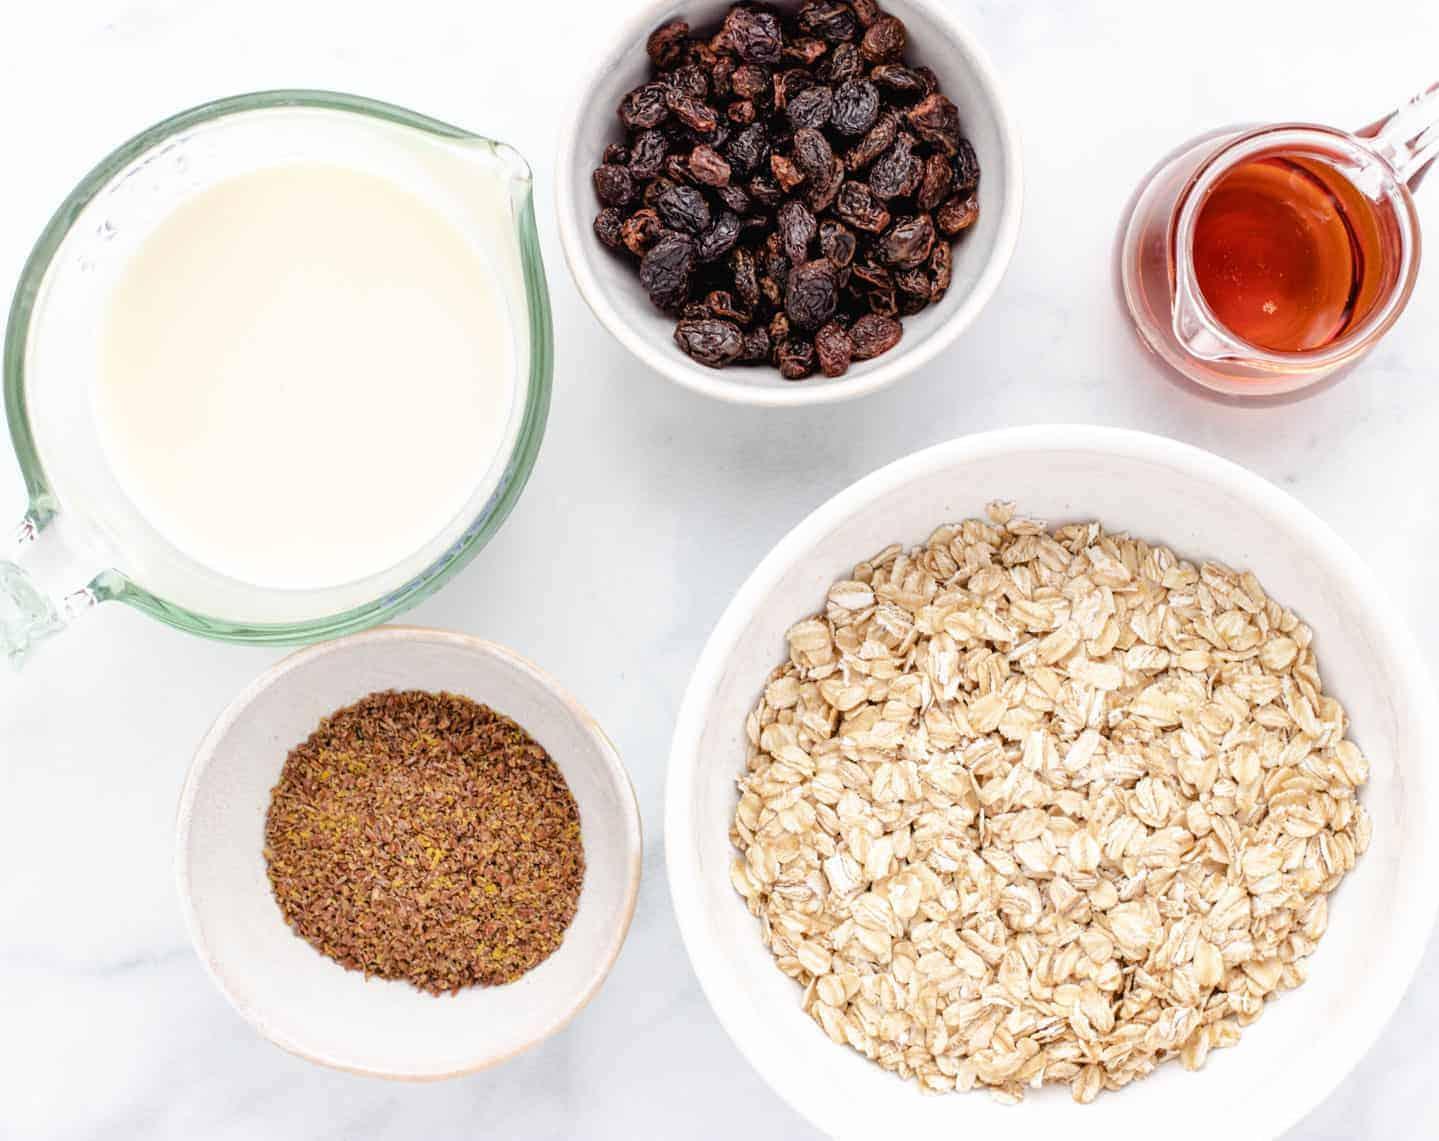 mise en place for vegan overnight oats